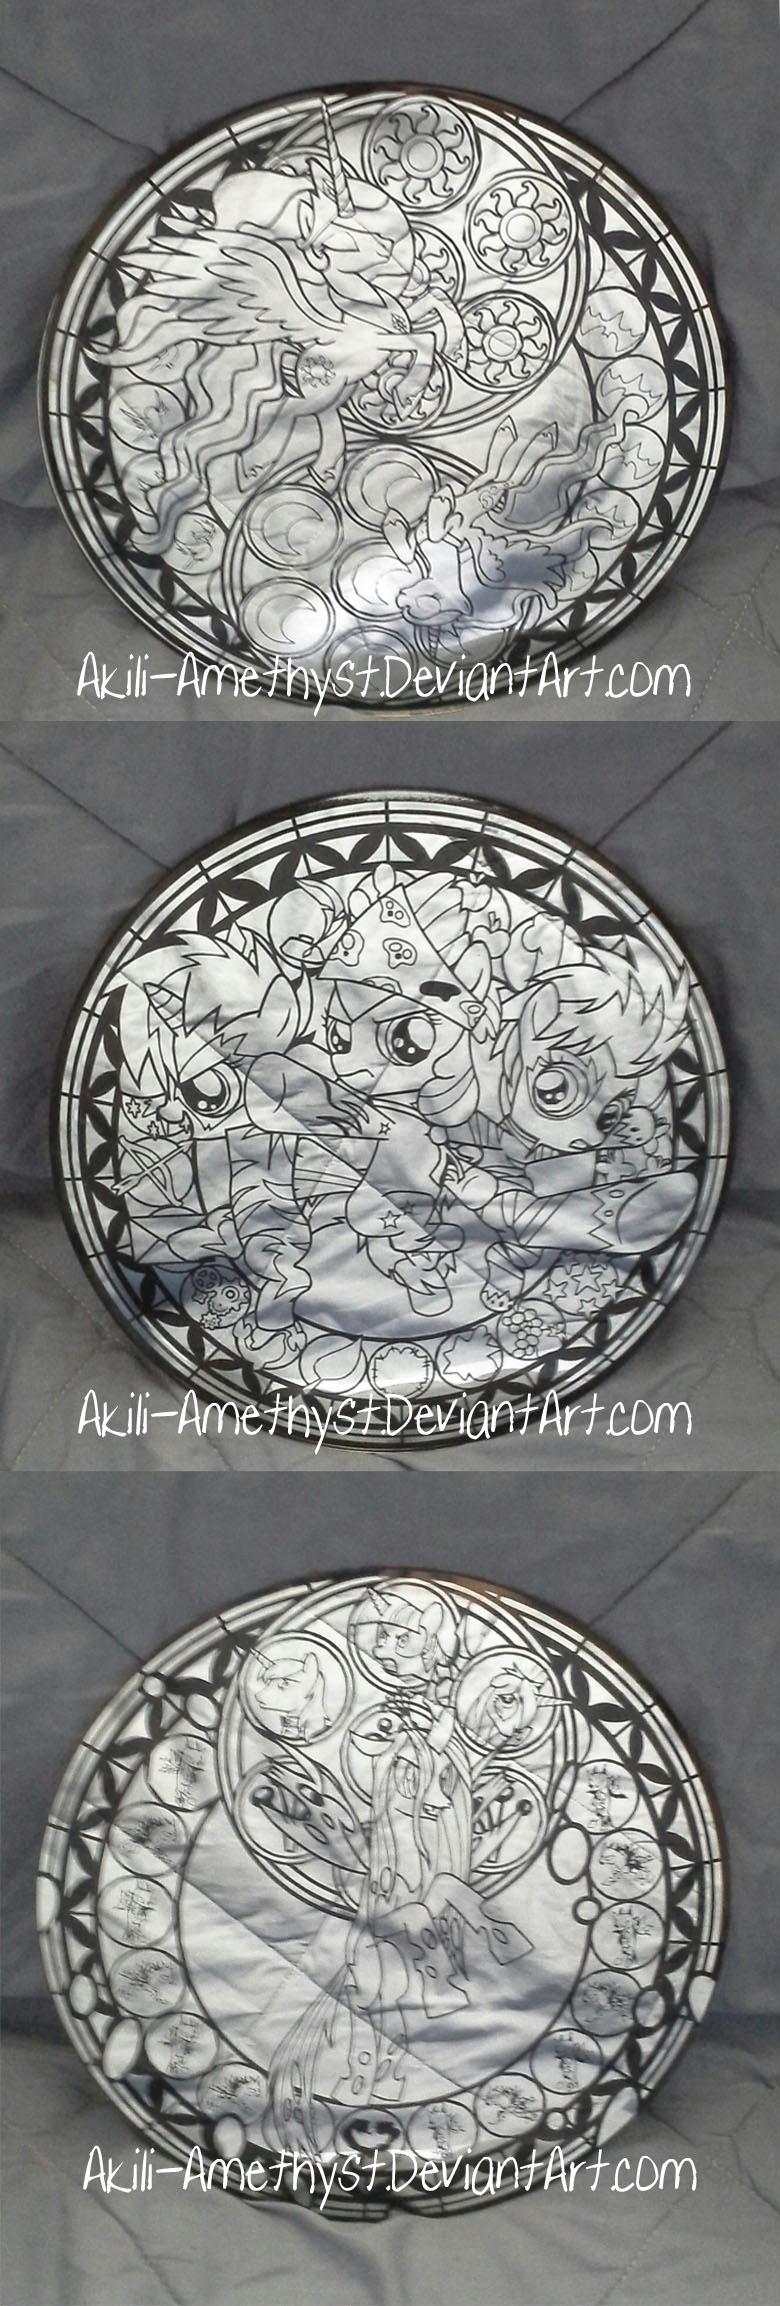 Mirror Orders Summer 2013 by Akili-Amethyst